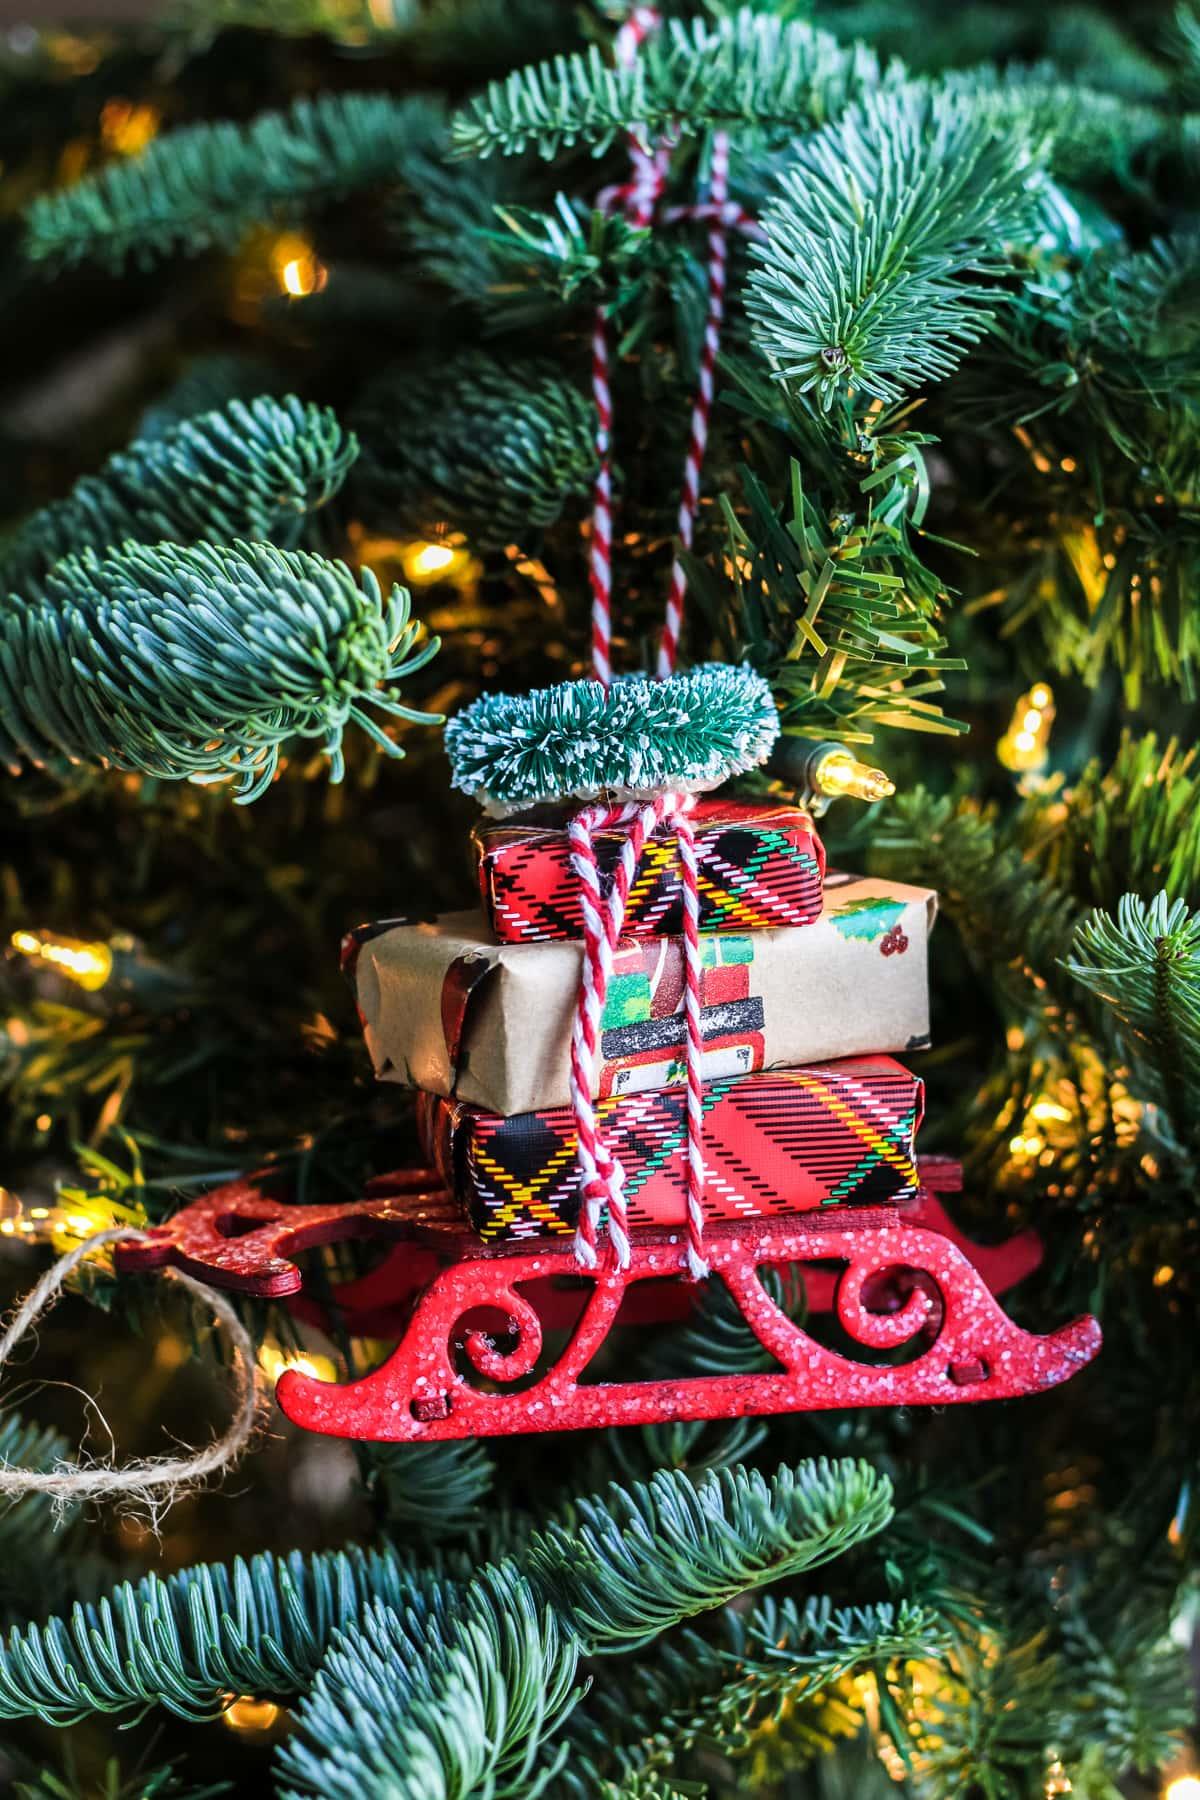 A Christmas Sleigh Ornament hanging on a Christmas tree